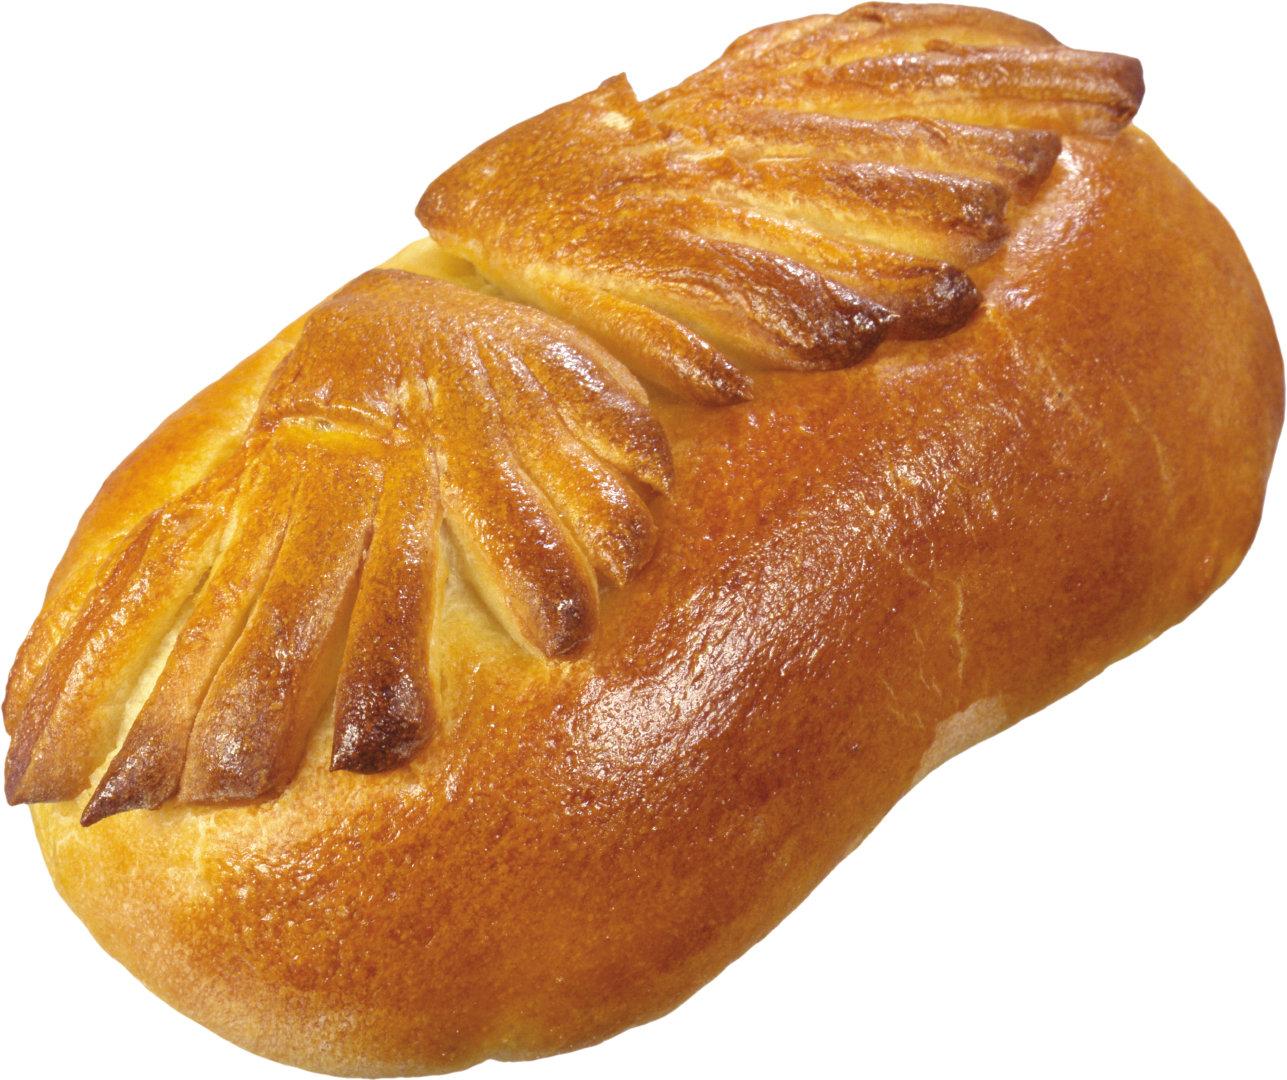 刚出炉的png透明背景的小面包图片素材